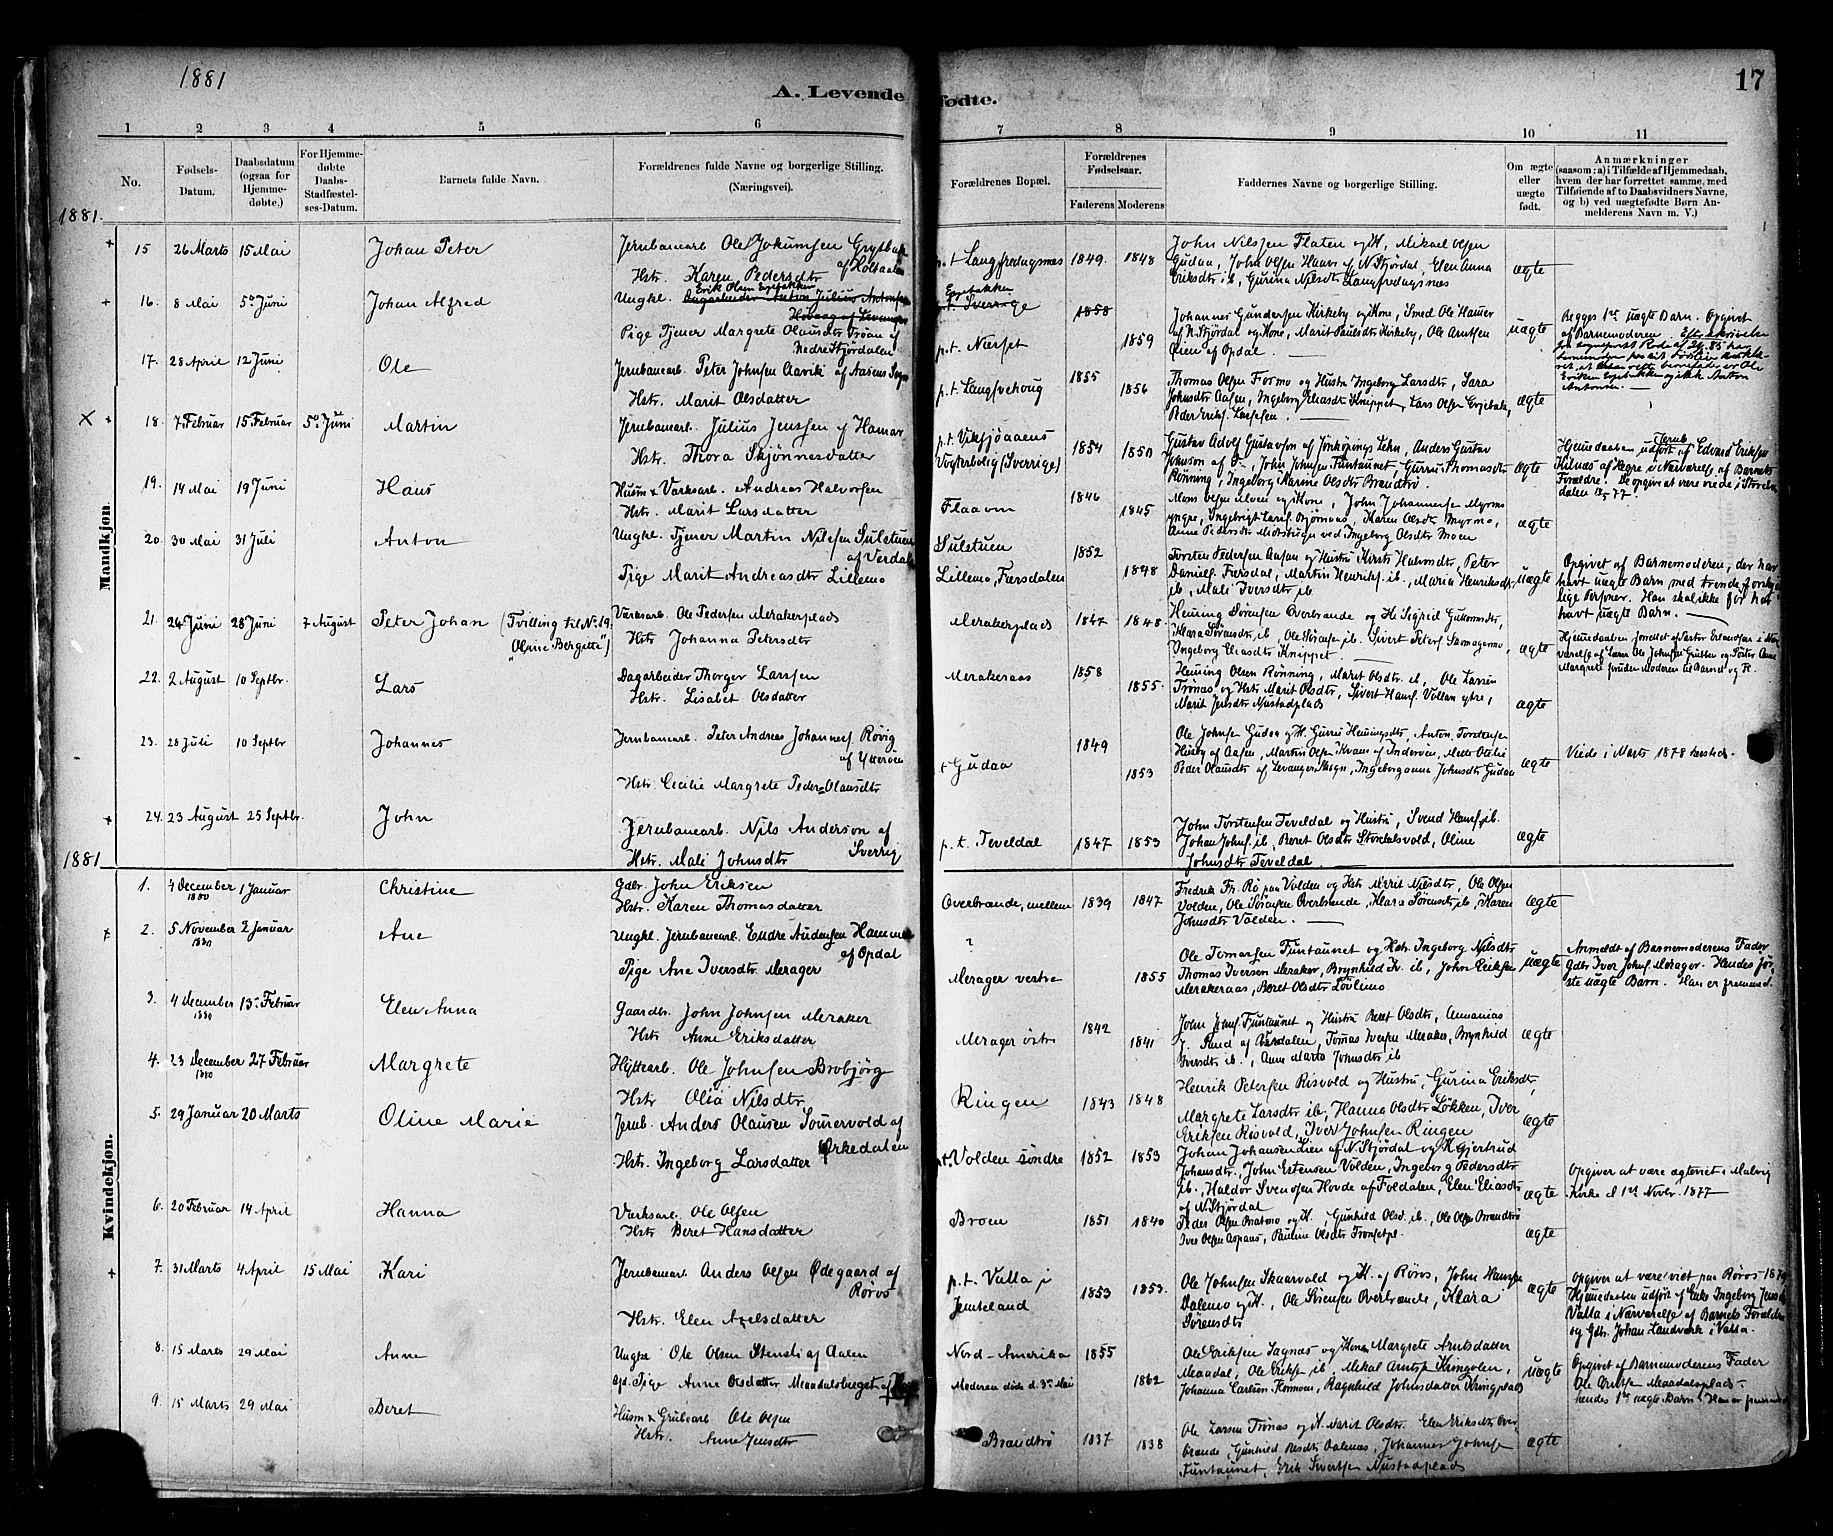 SAT, Ministerialprotokoller, klokkerbøker og fødselsregistre - Nord-Trøndelag, 706/L0047: Parish register (official) no. 706A03, 1878-1892, p. 17